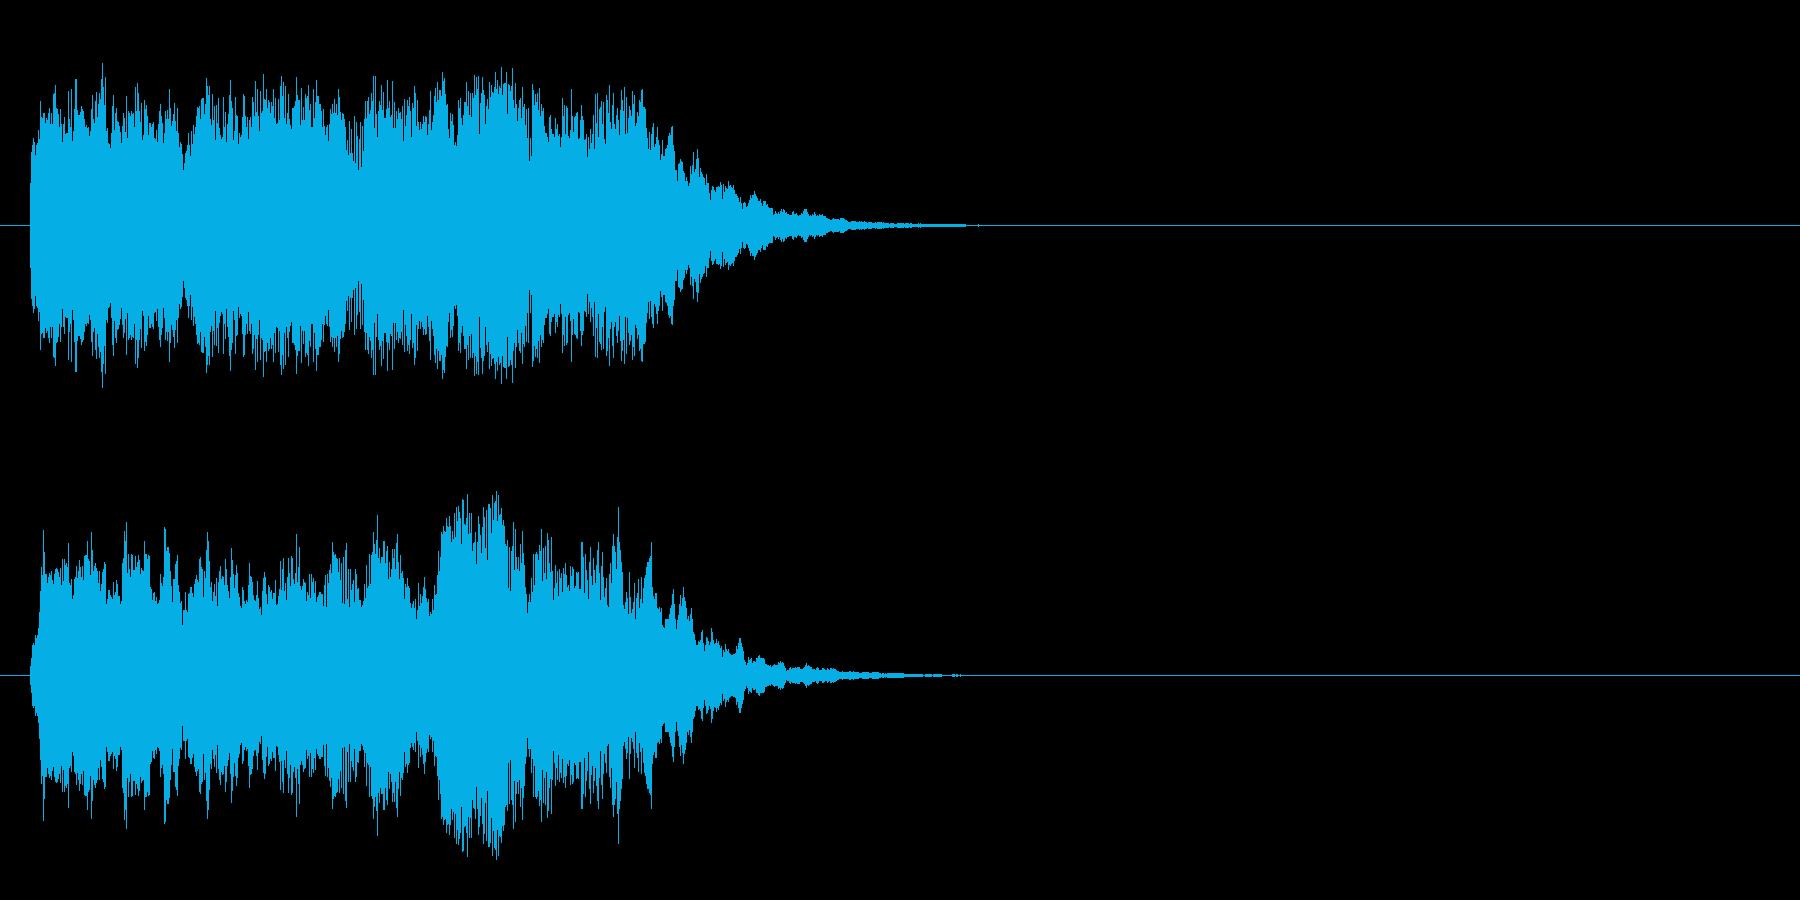 コーナー・エンド風ブライダルのジングルの再生済みの波形